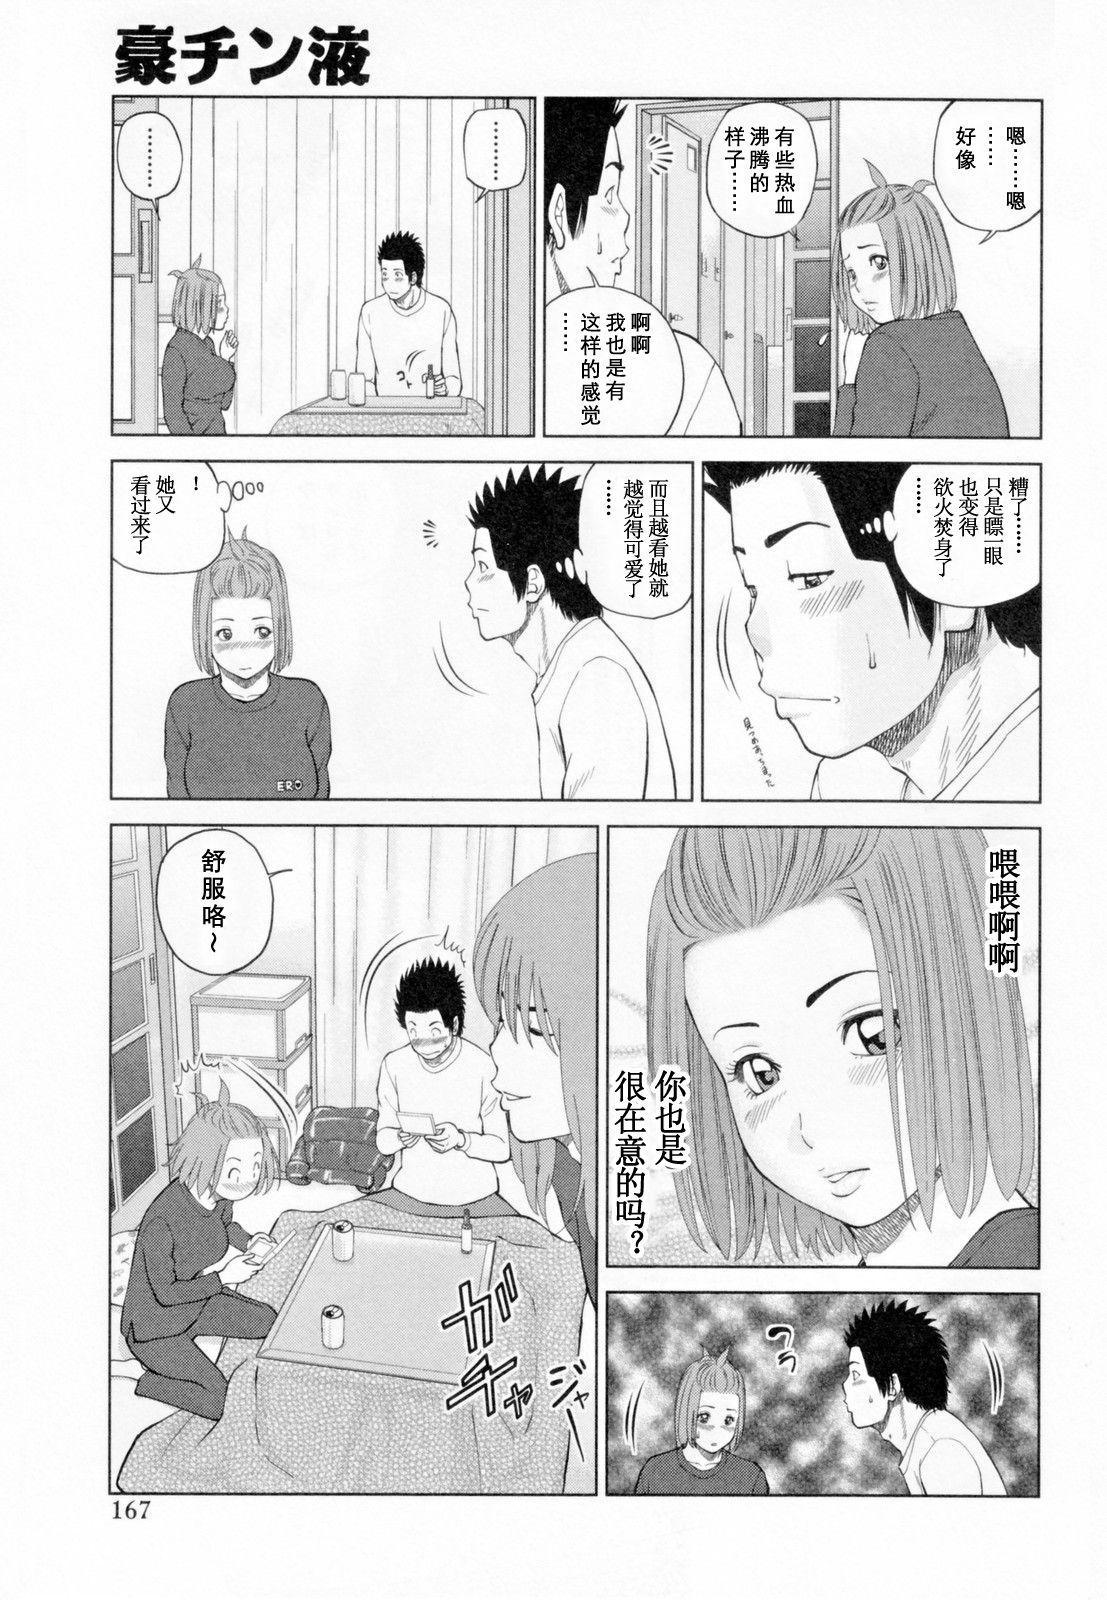 32 Sai Yokkyuufuman no Hitozuma 170